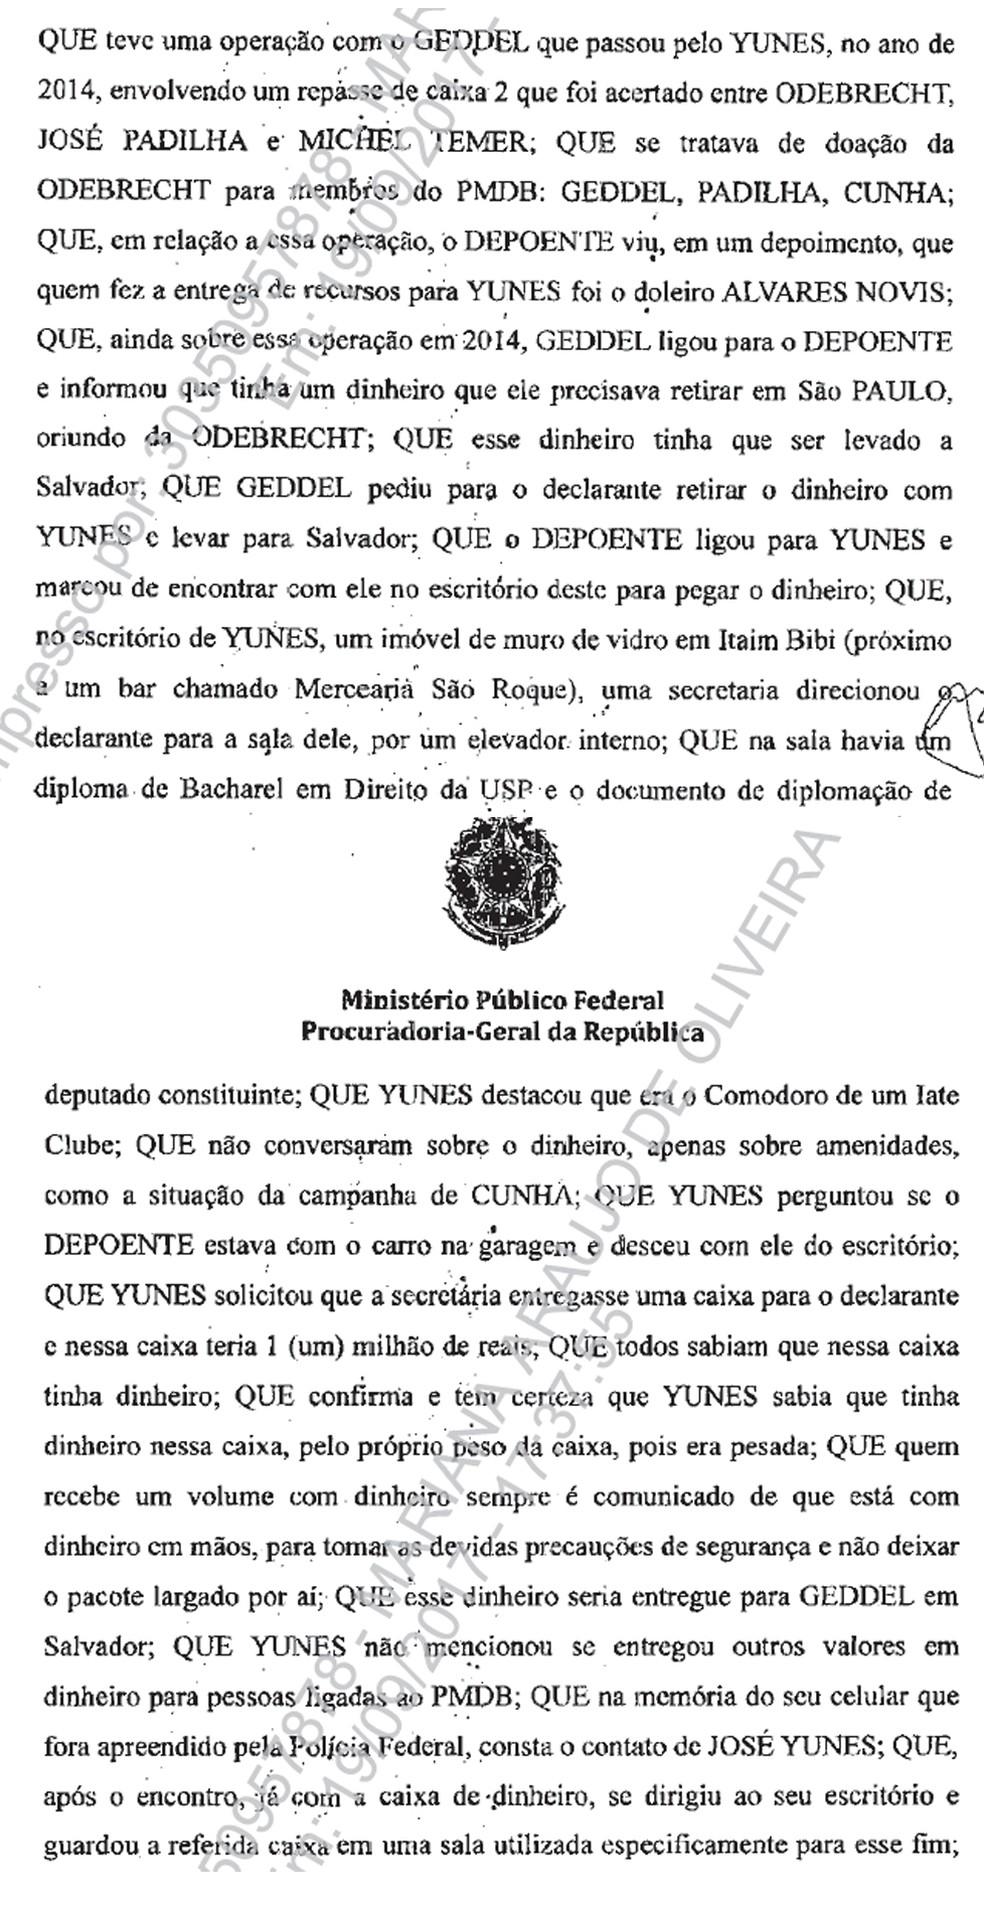 Trecho de depoimento da delação premiada de Lúcio Funaro, no qual o doleiro relata episódio envolvendo o advogado José Yunes (Foto: Reprodução/PGR)